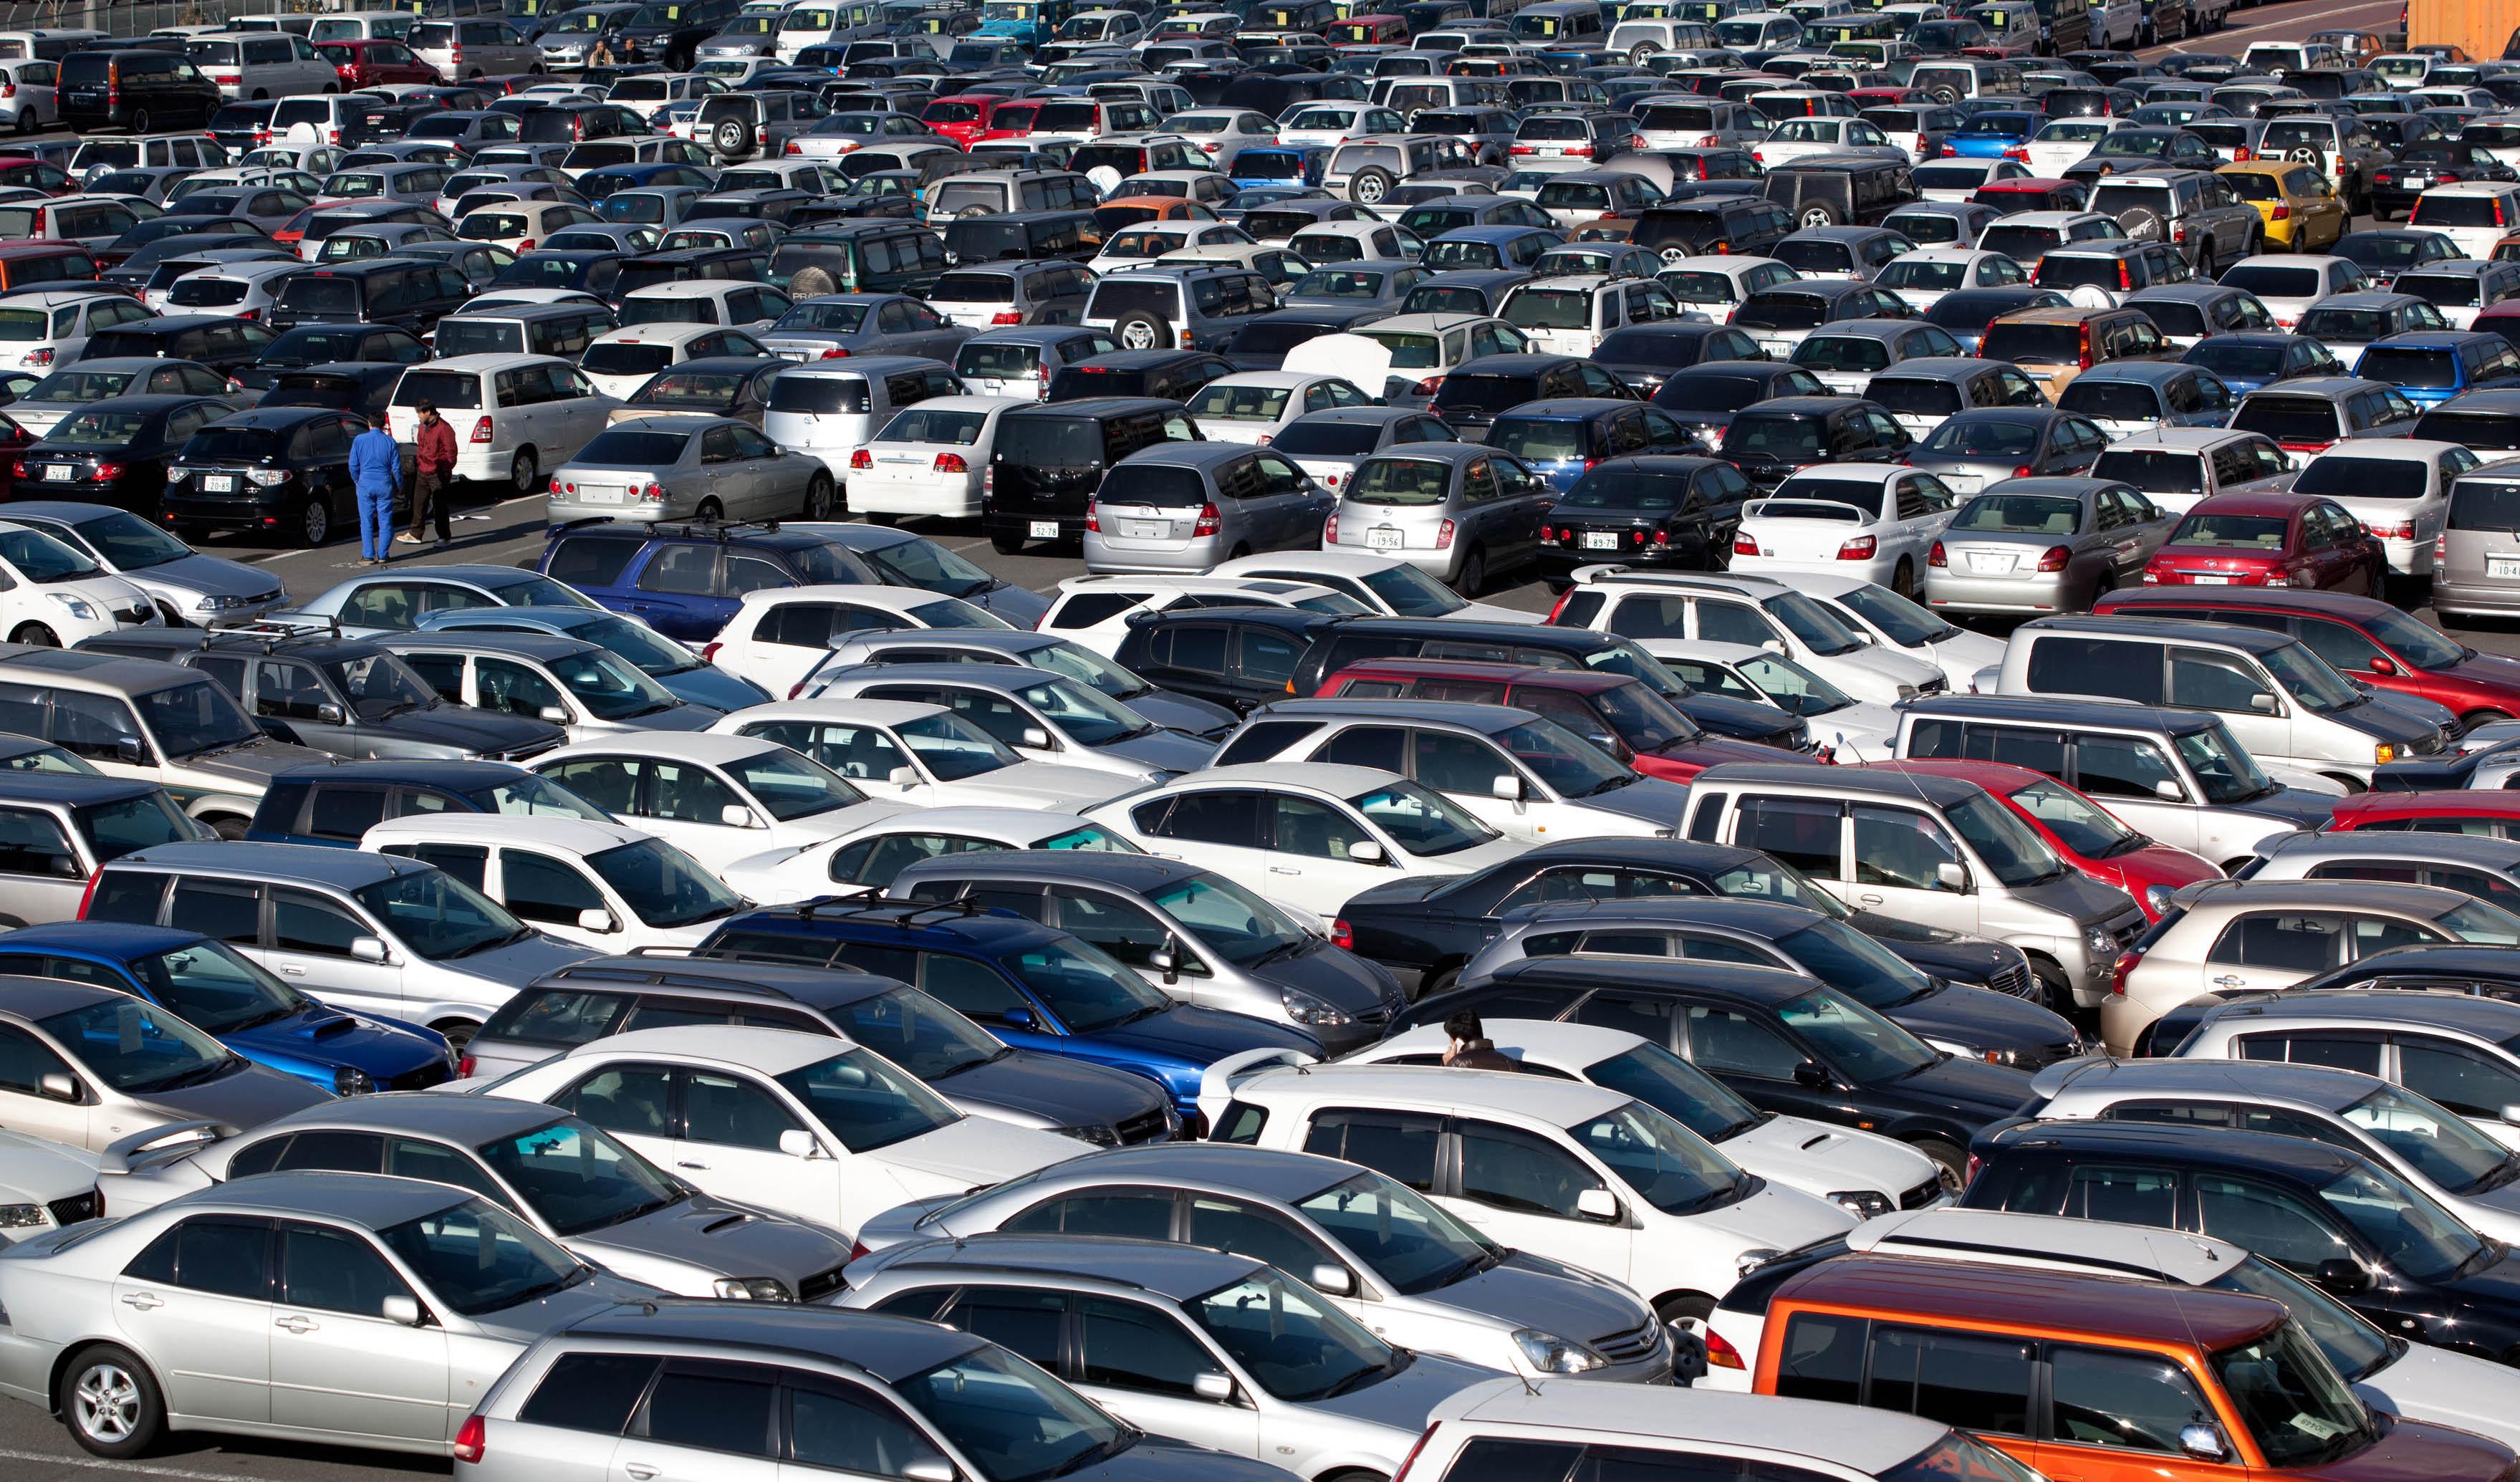 محرومیت ۳ ساله در ثبت نام خودرو با درج اطلاعات غلط